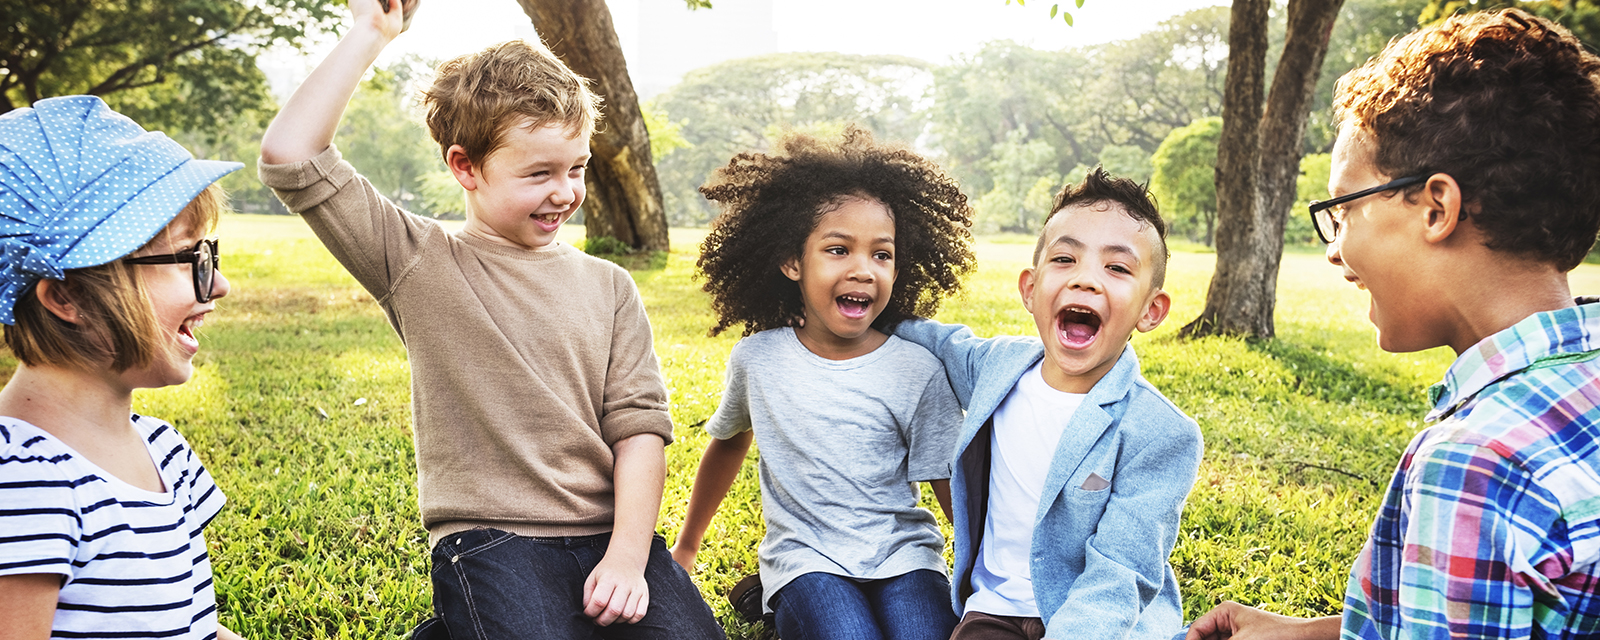 <h2>groene buurt gezonde buurt</h2><div>Groen zet in op een gemeente waarin kinderen gezond kunnen opgroeien met zuivere lucht, gezond lokaal voedsel en groene energie. Lees meer in ons programma.</div>